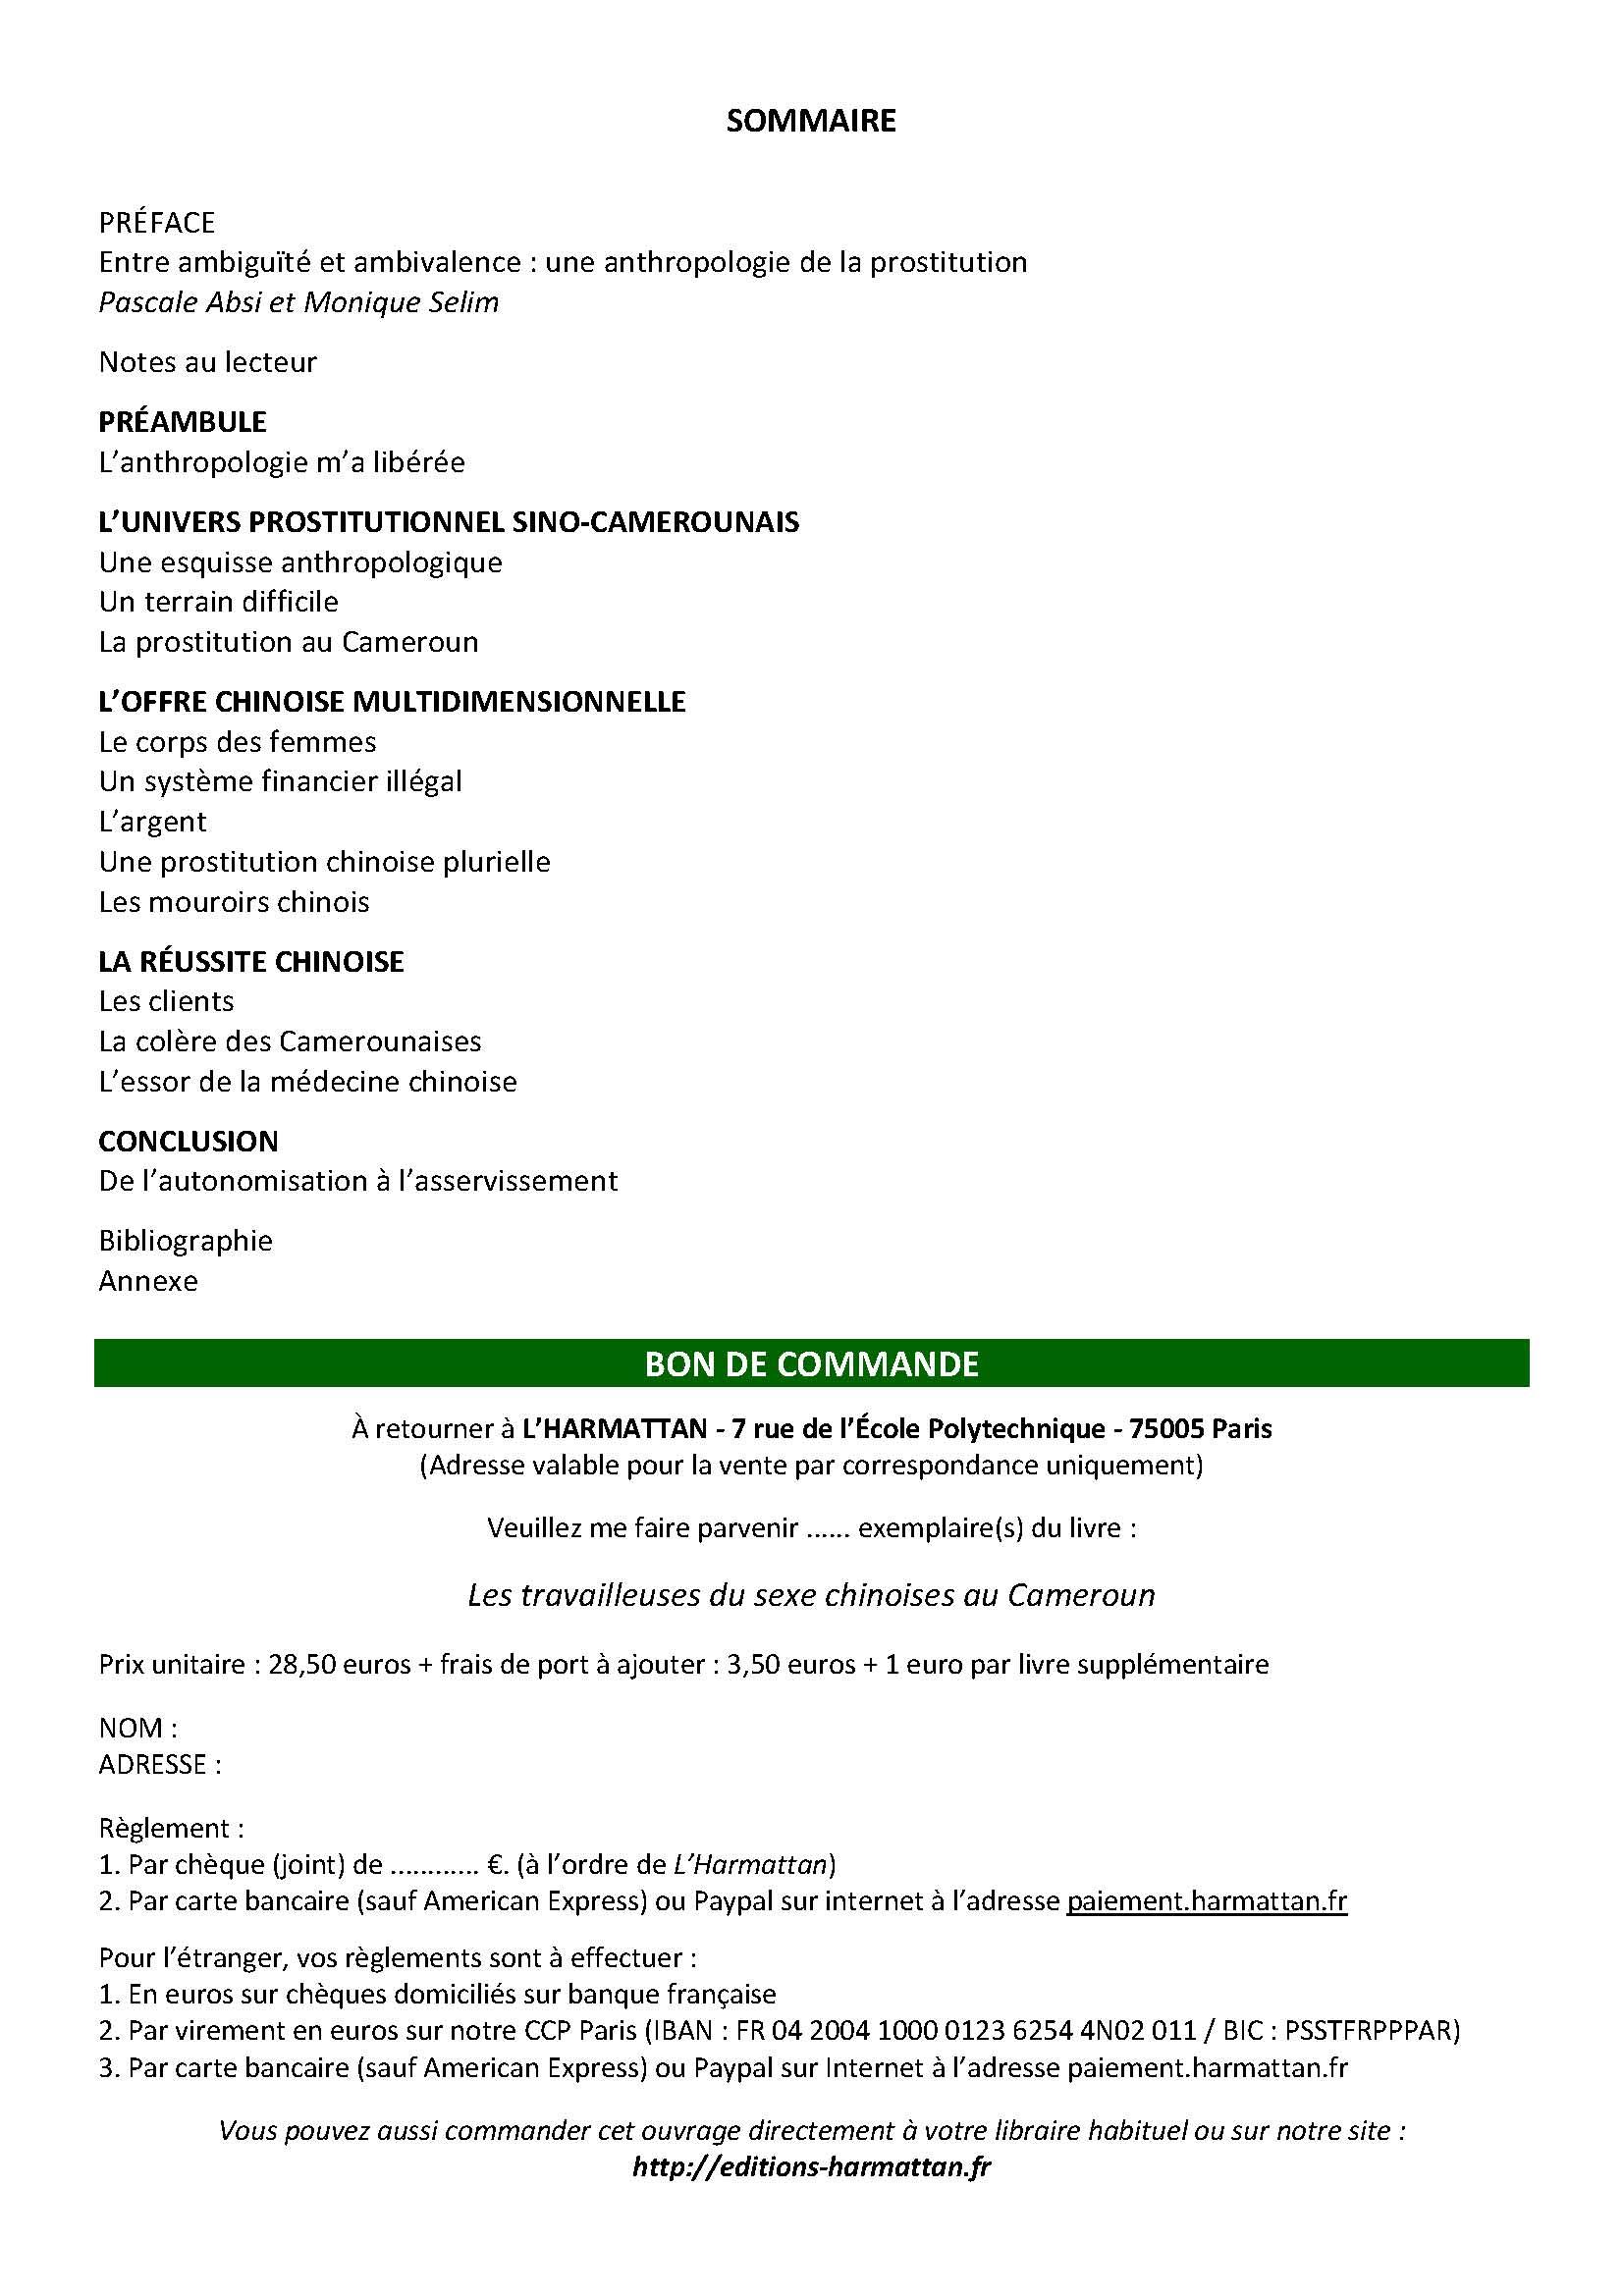 Flyer Les travailleuses du sexe  chinoises au Cameroun_Page_2